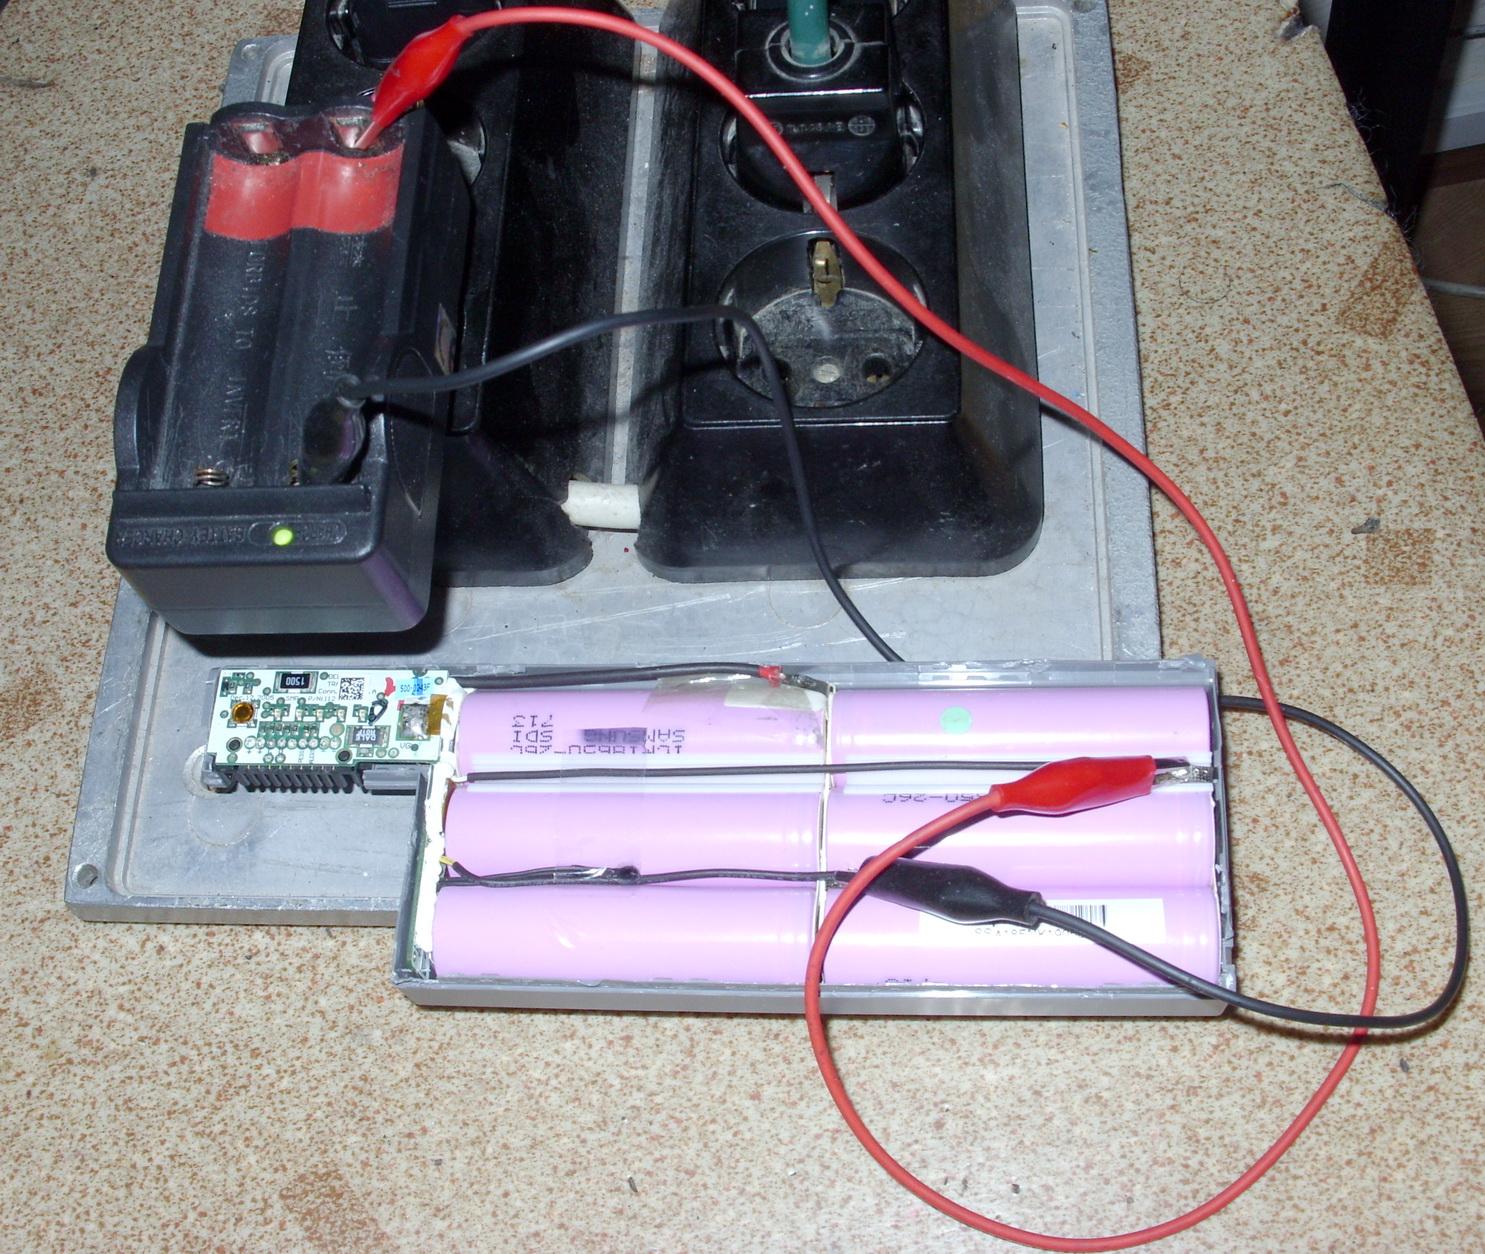 Ръчно зареждане на проблемни акумулаторни секции в батерия на лаптоп